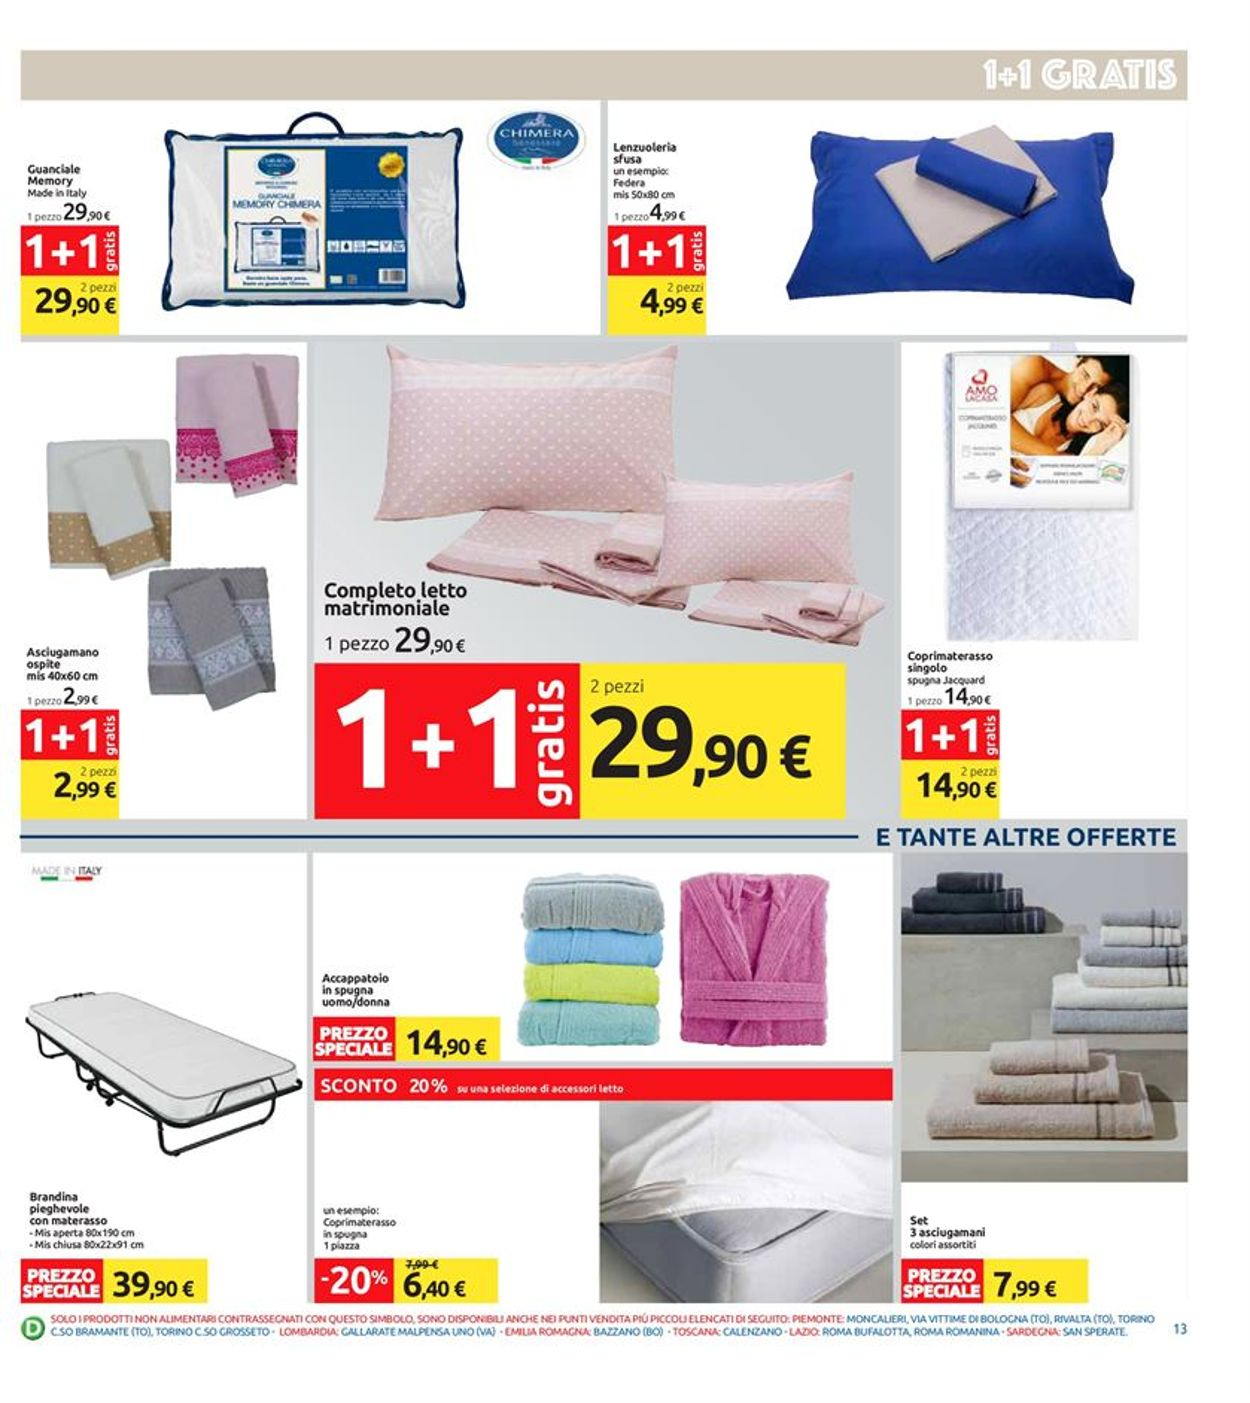 Letti Pieghevoli Carrefour